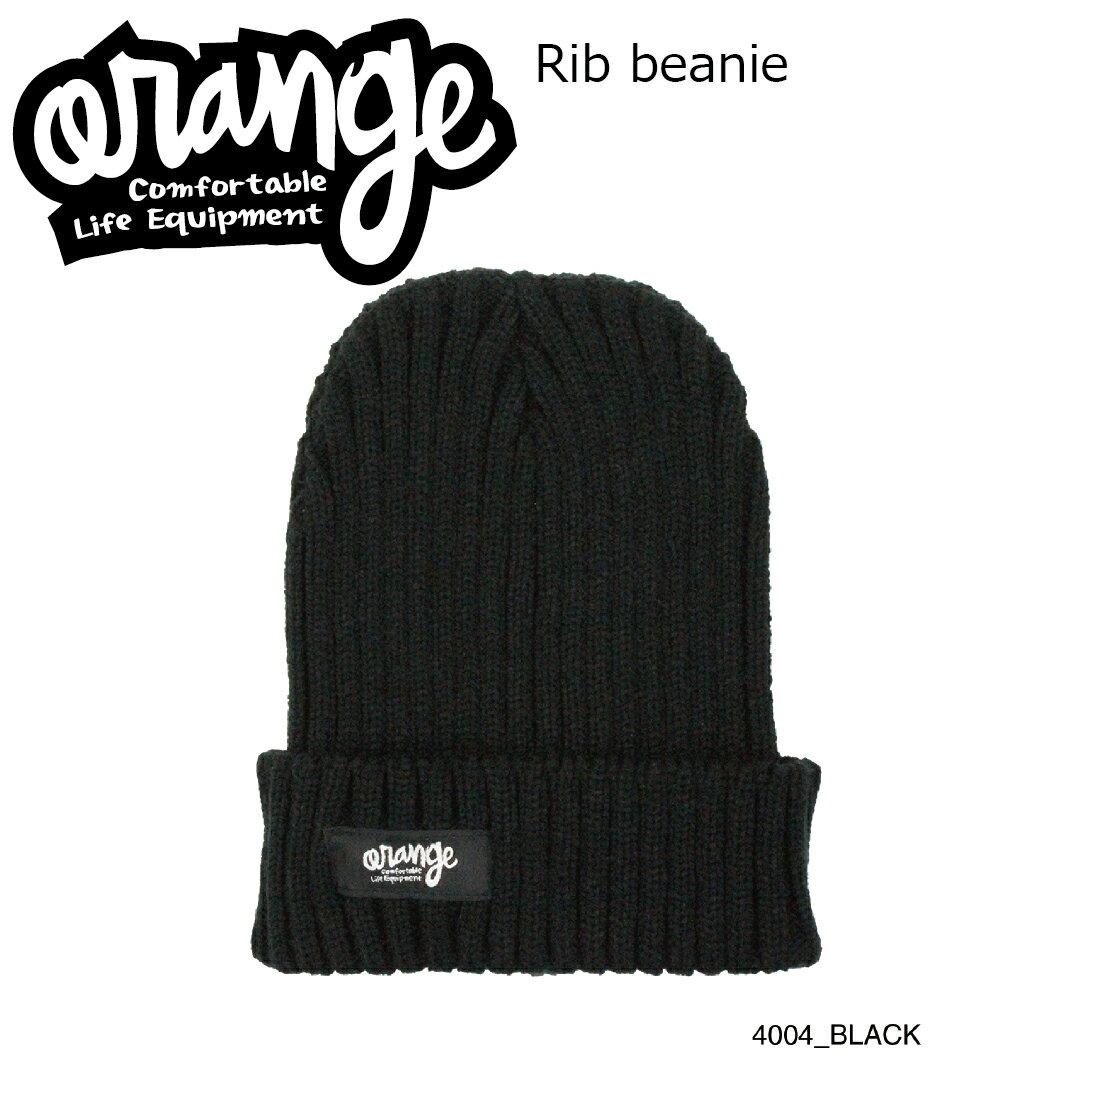 Oran'ge Rib Beanie 4004 BLACK オレンジ リブ ビーニー ニットキャップ 2つ折り